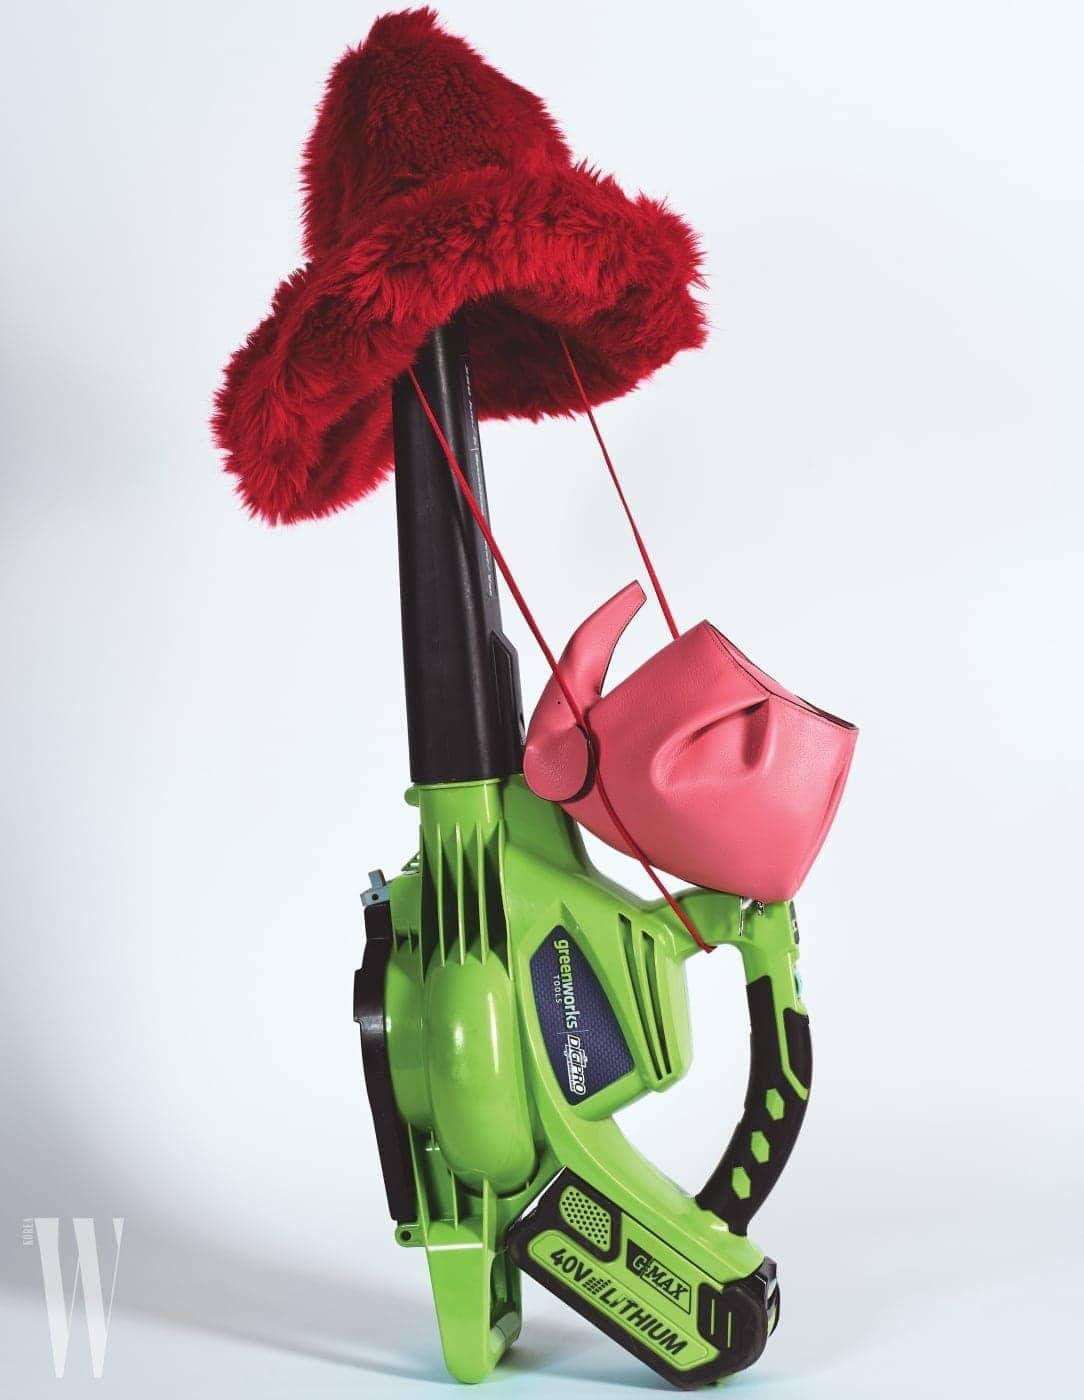 윈드 머신에 걸린 빨강 페이크 퍼 모자는 미우미우 제품. 가격 미정. 핑크색 코끼리 모양 미니 백은 로에베 제품. 1백70만원.